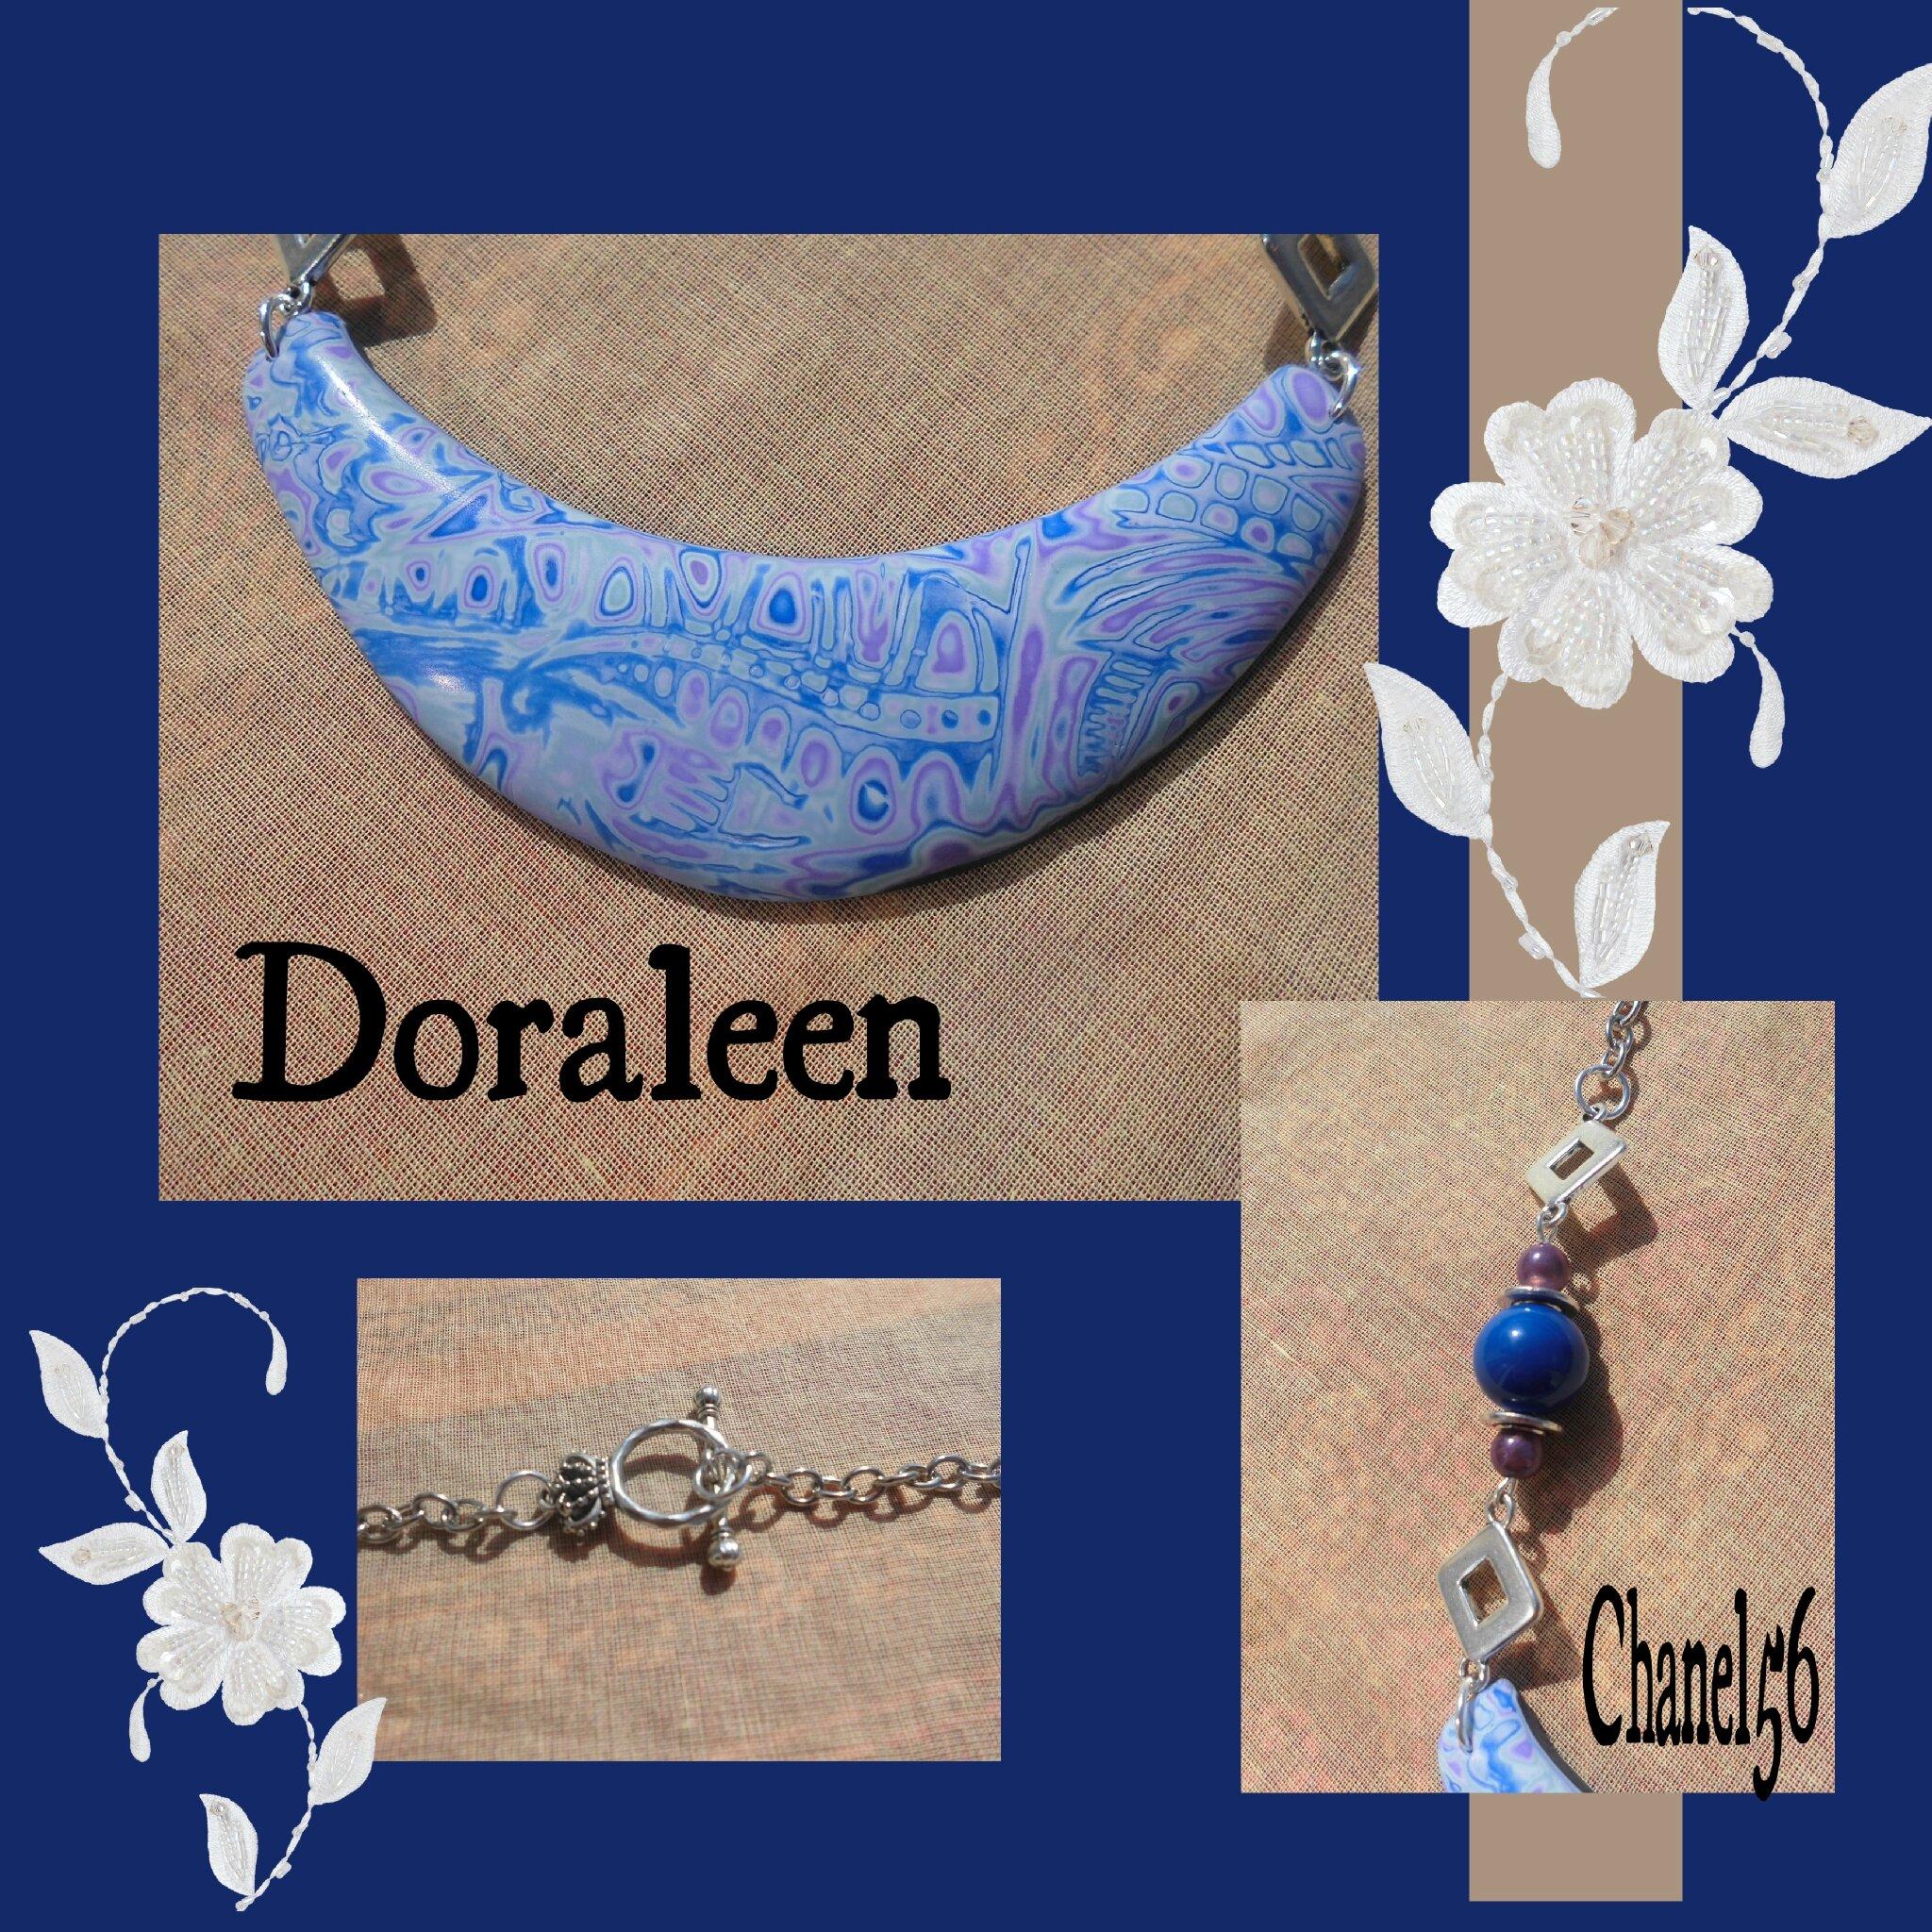 doraleen1